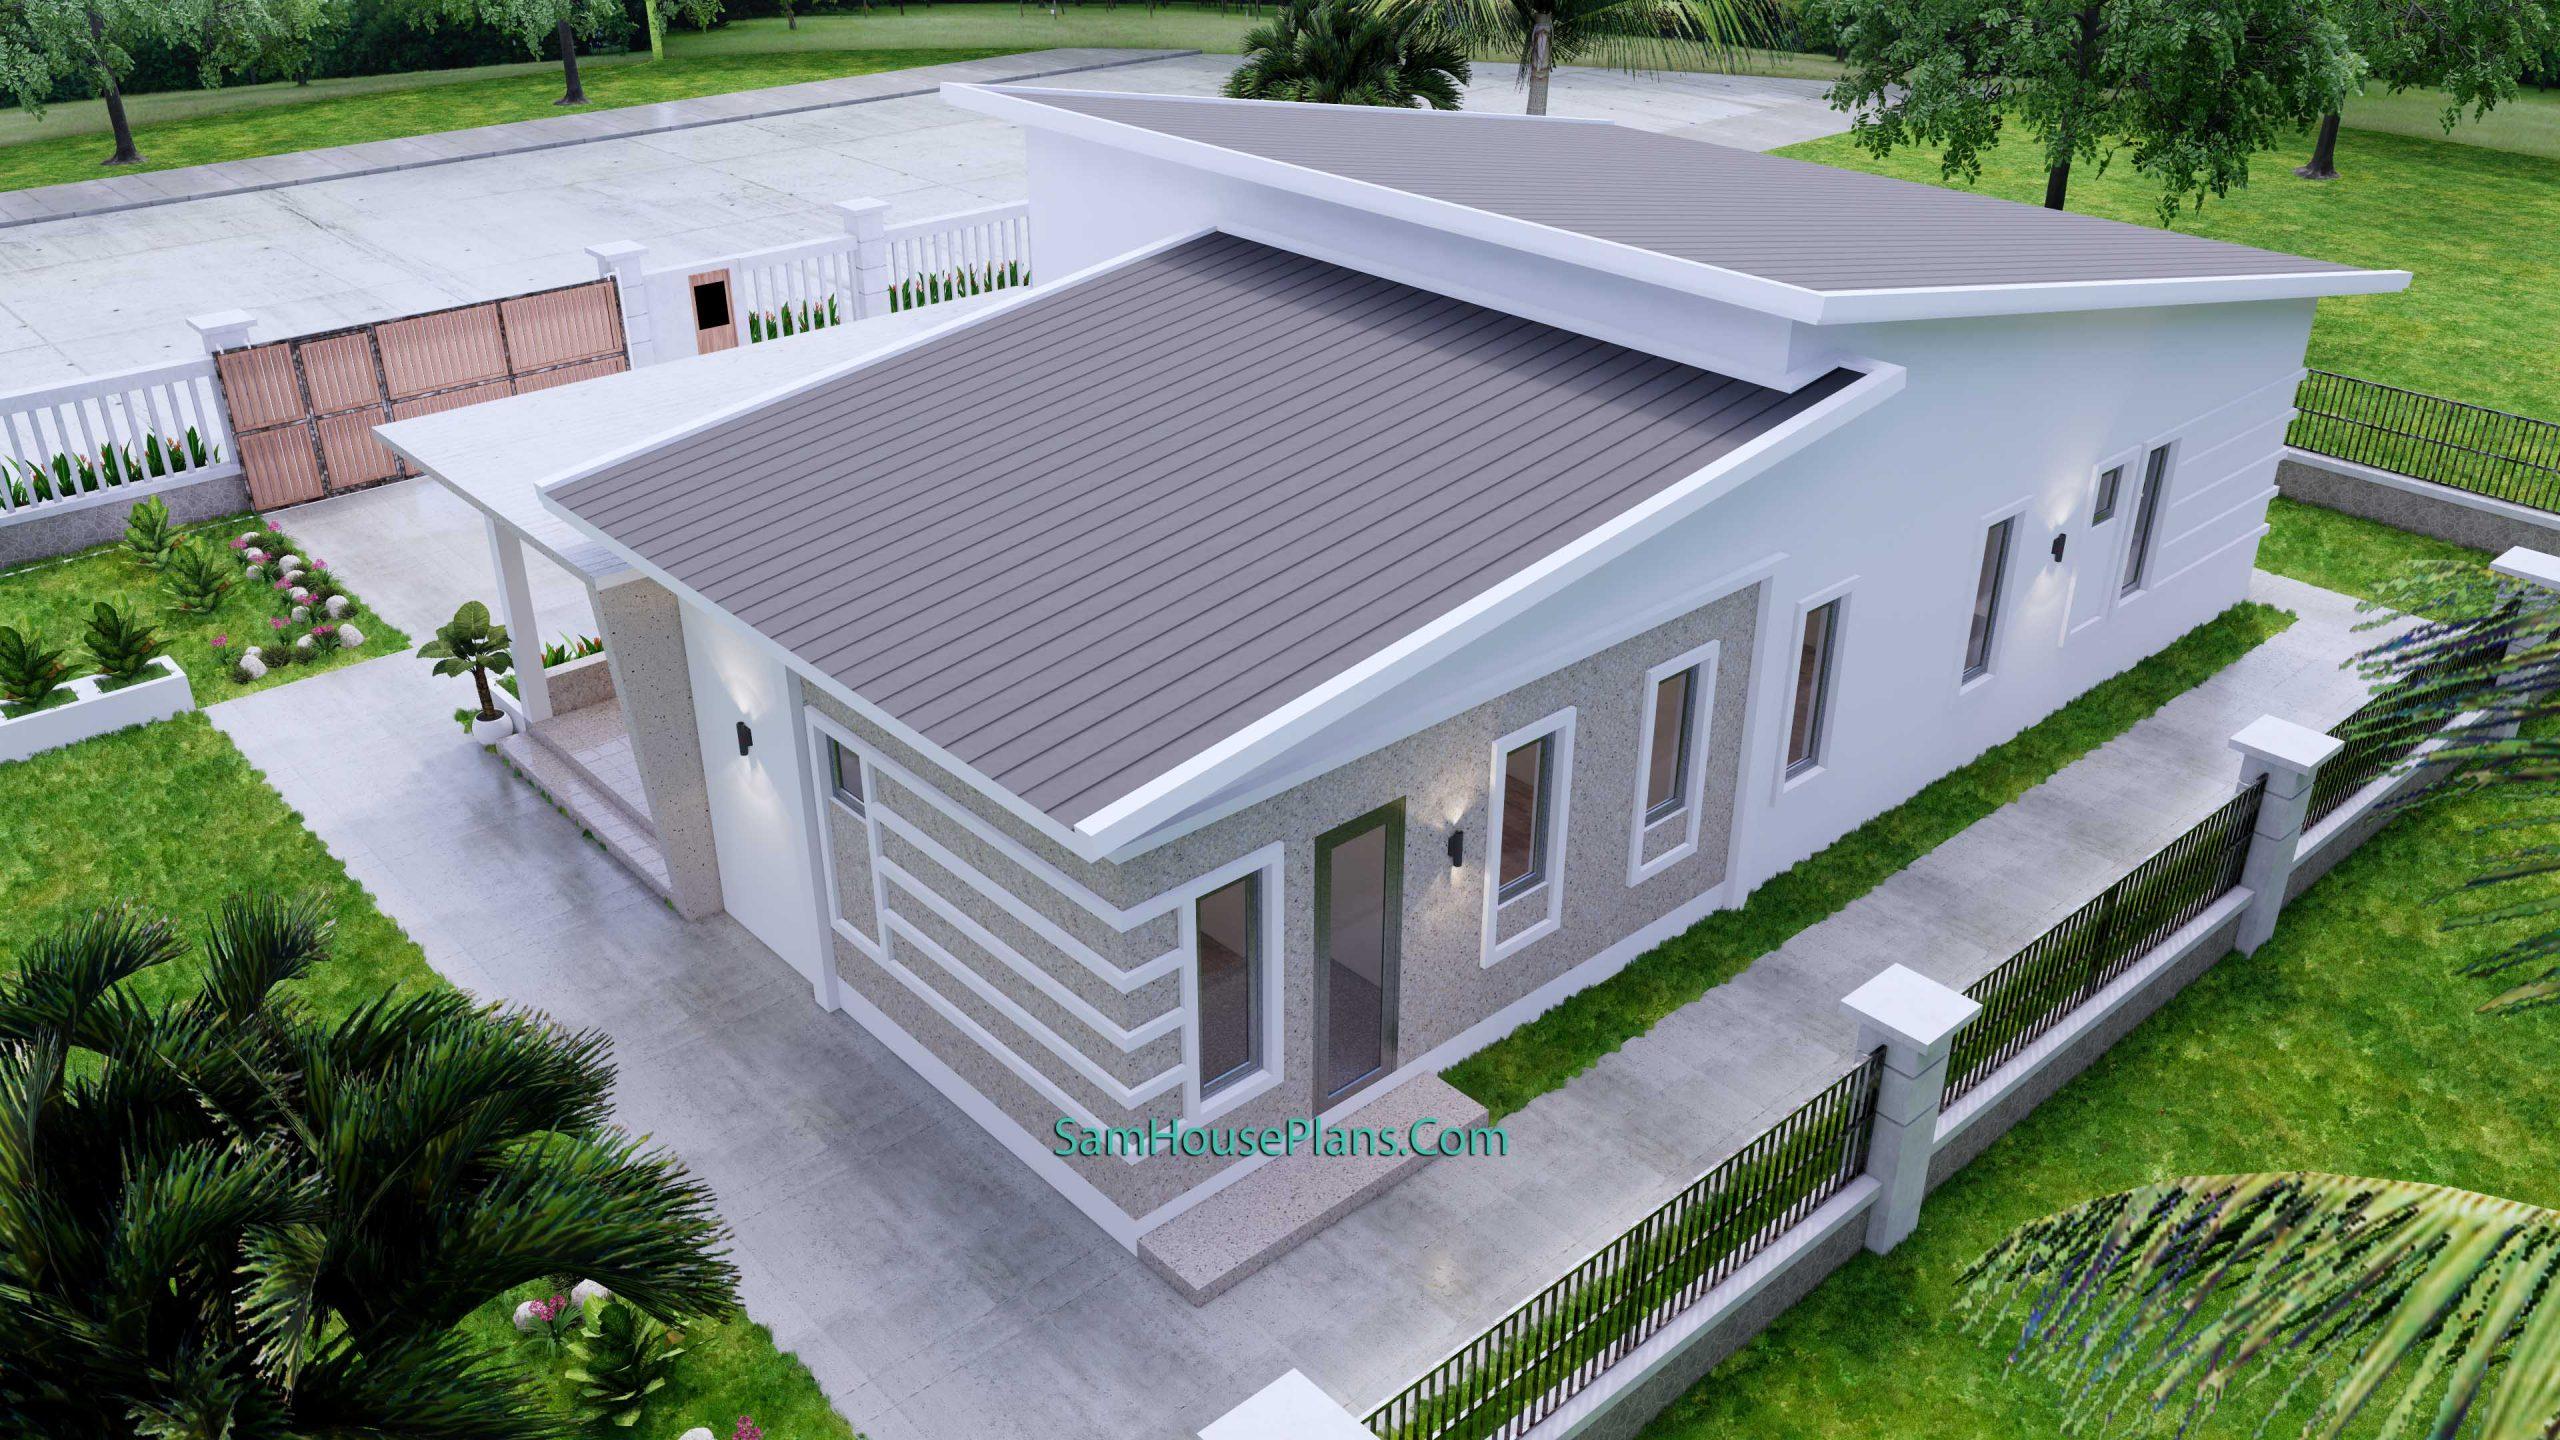 Modern House Plan 15x9 M 49x30 Feet 3 Beds PDF Plan 3d roof 4